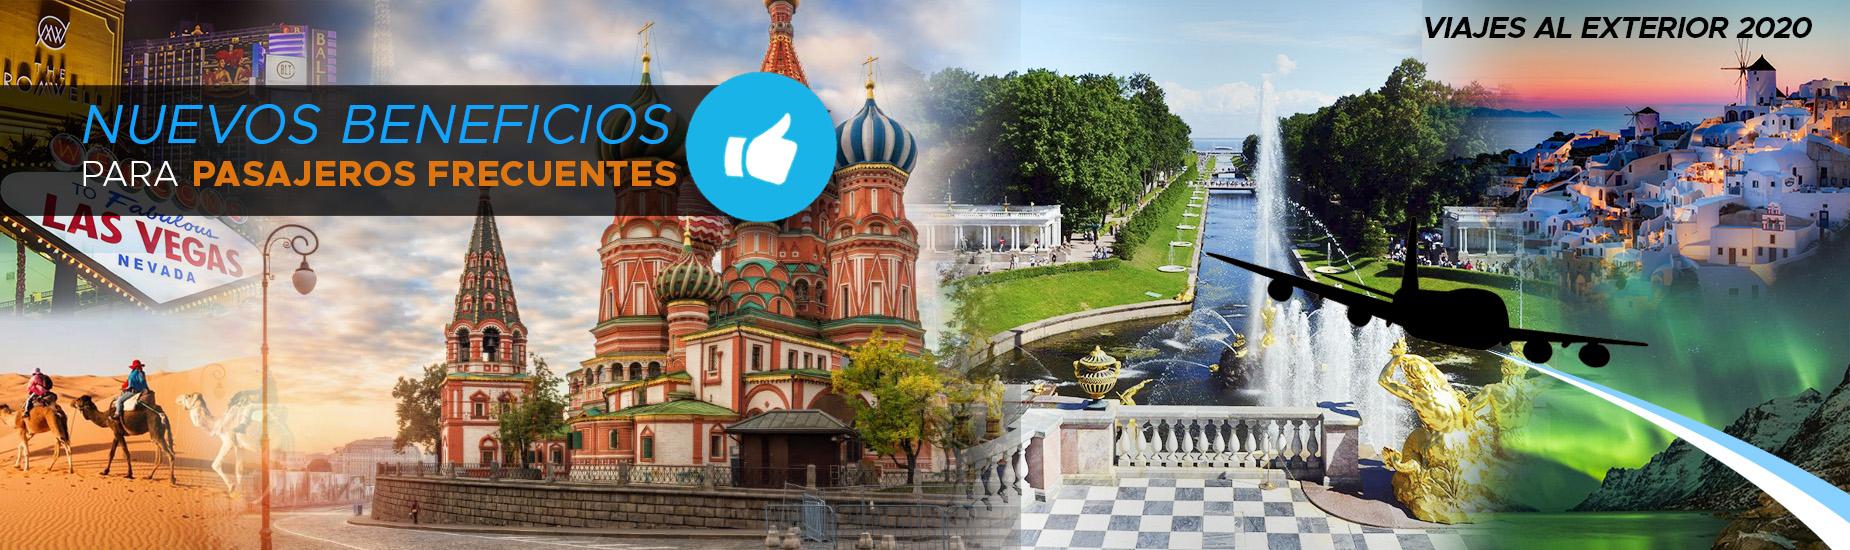 Viajes al exterior 2020 - version03